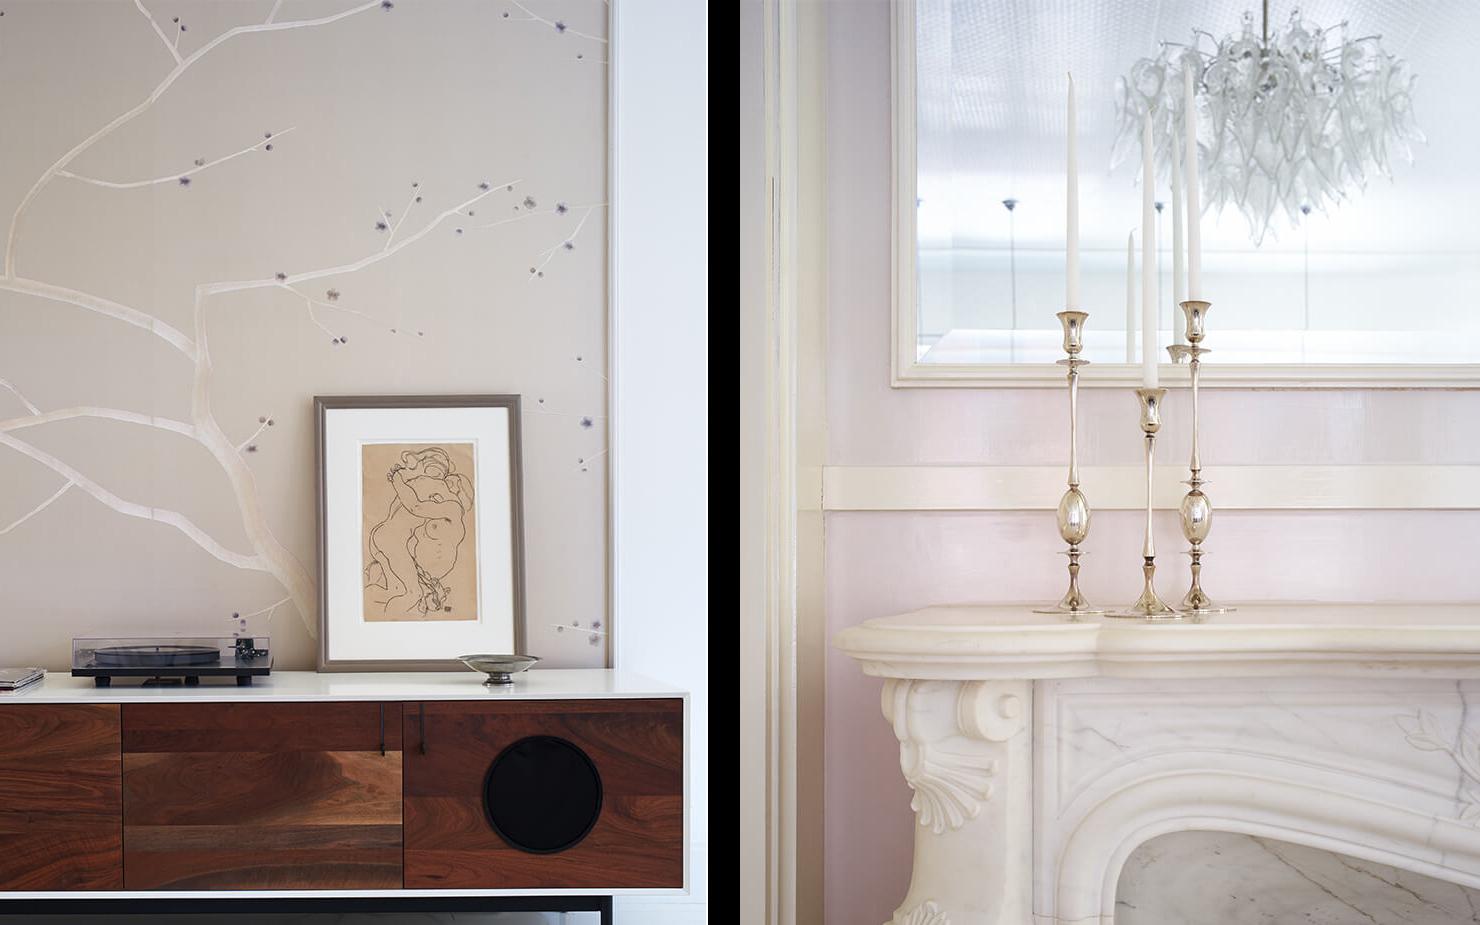 Goop_Gwyneth-Paltrow_apartment2-2-up.jpg